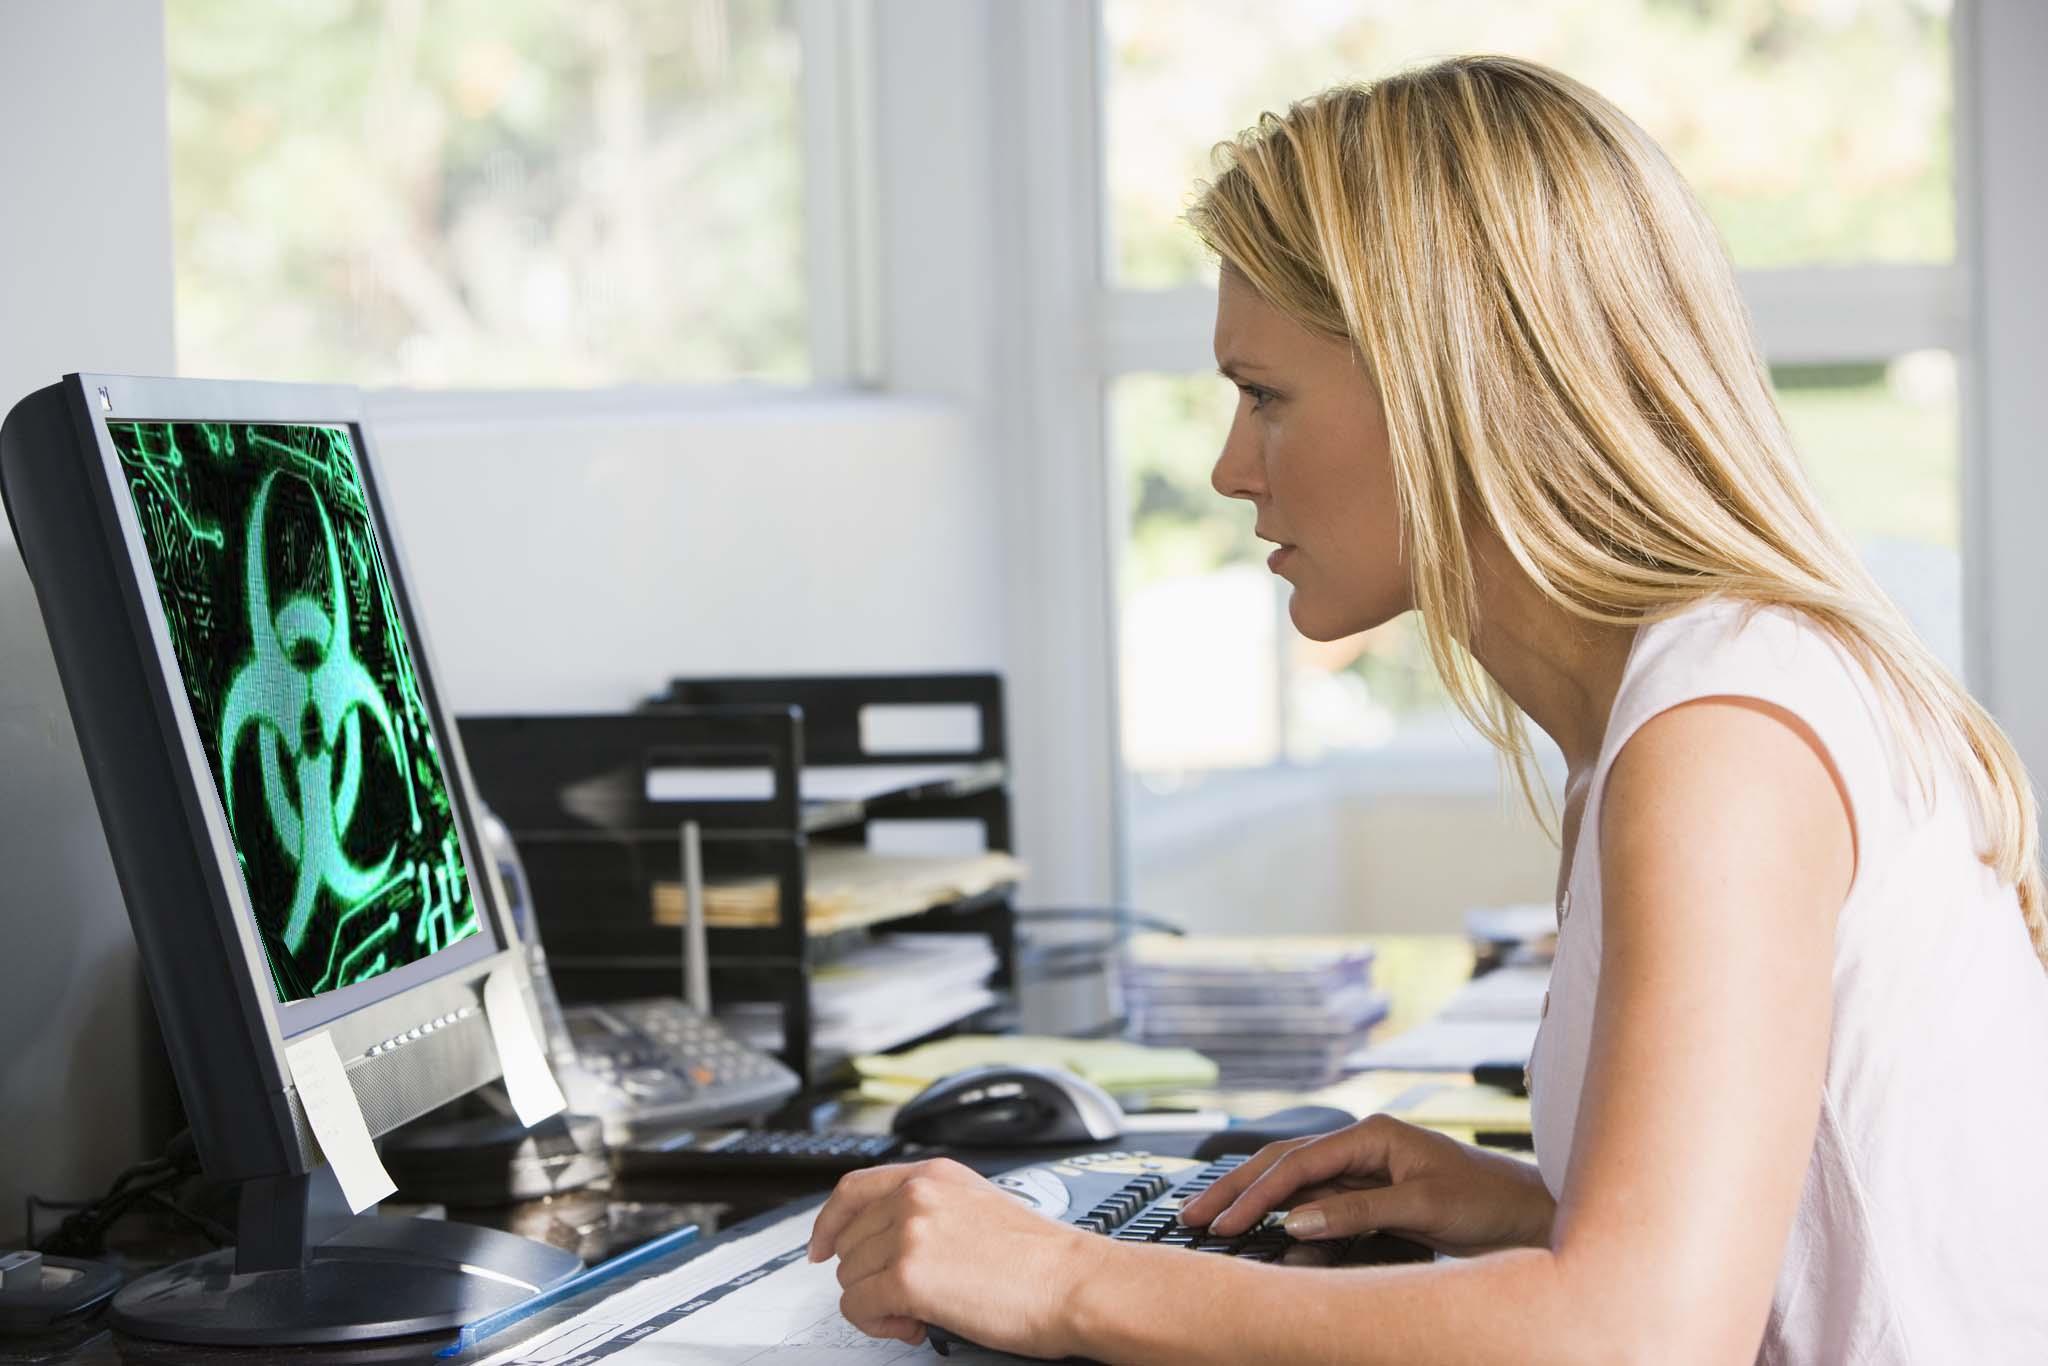 Компьютер заражен вирусами